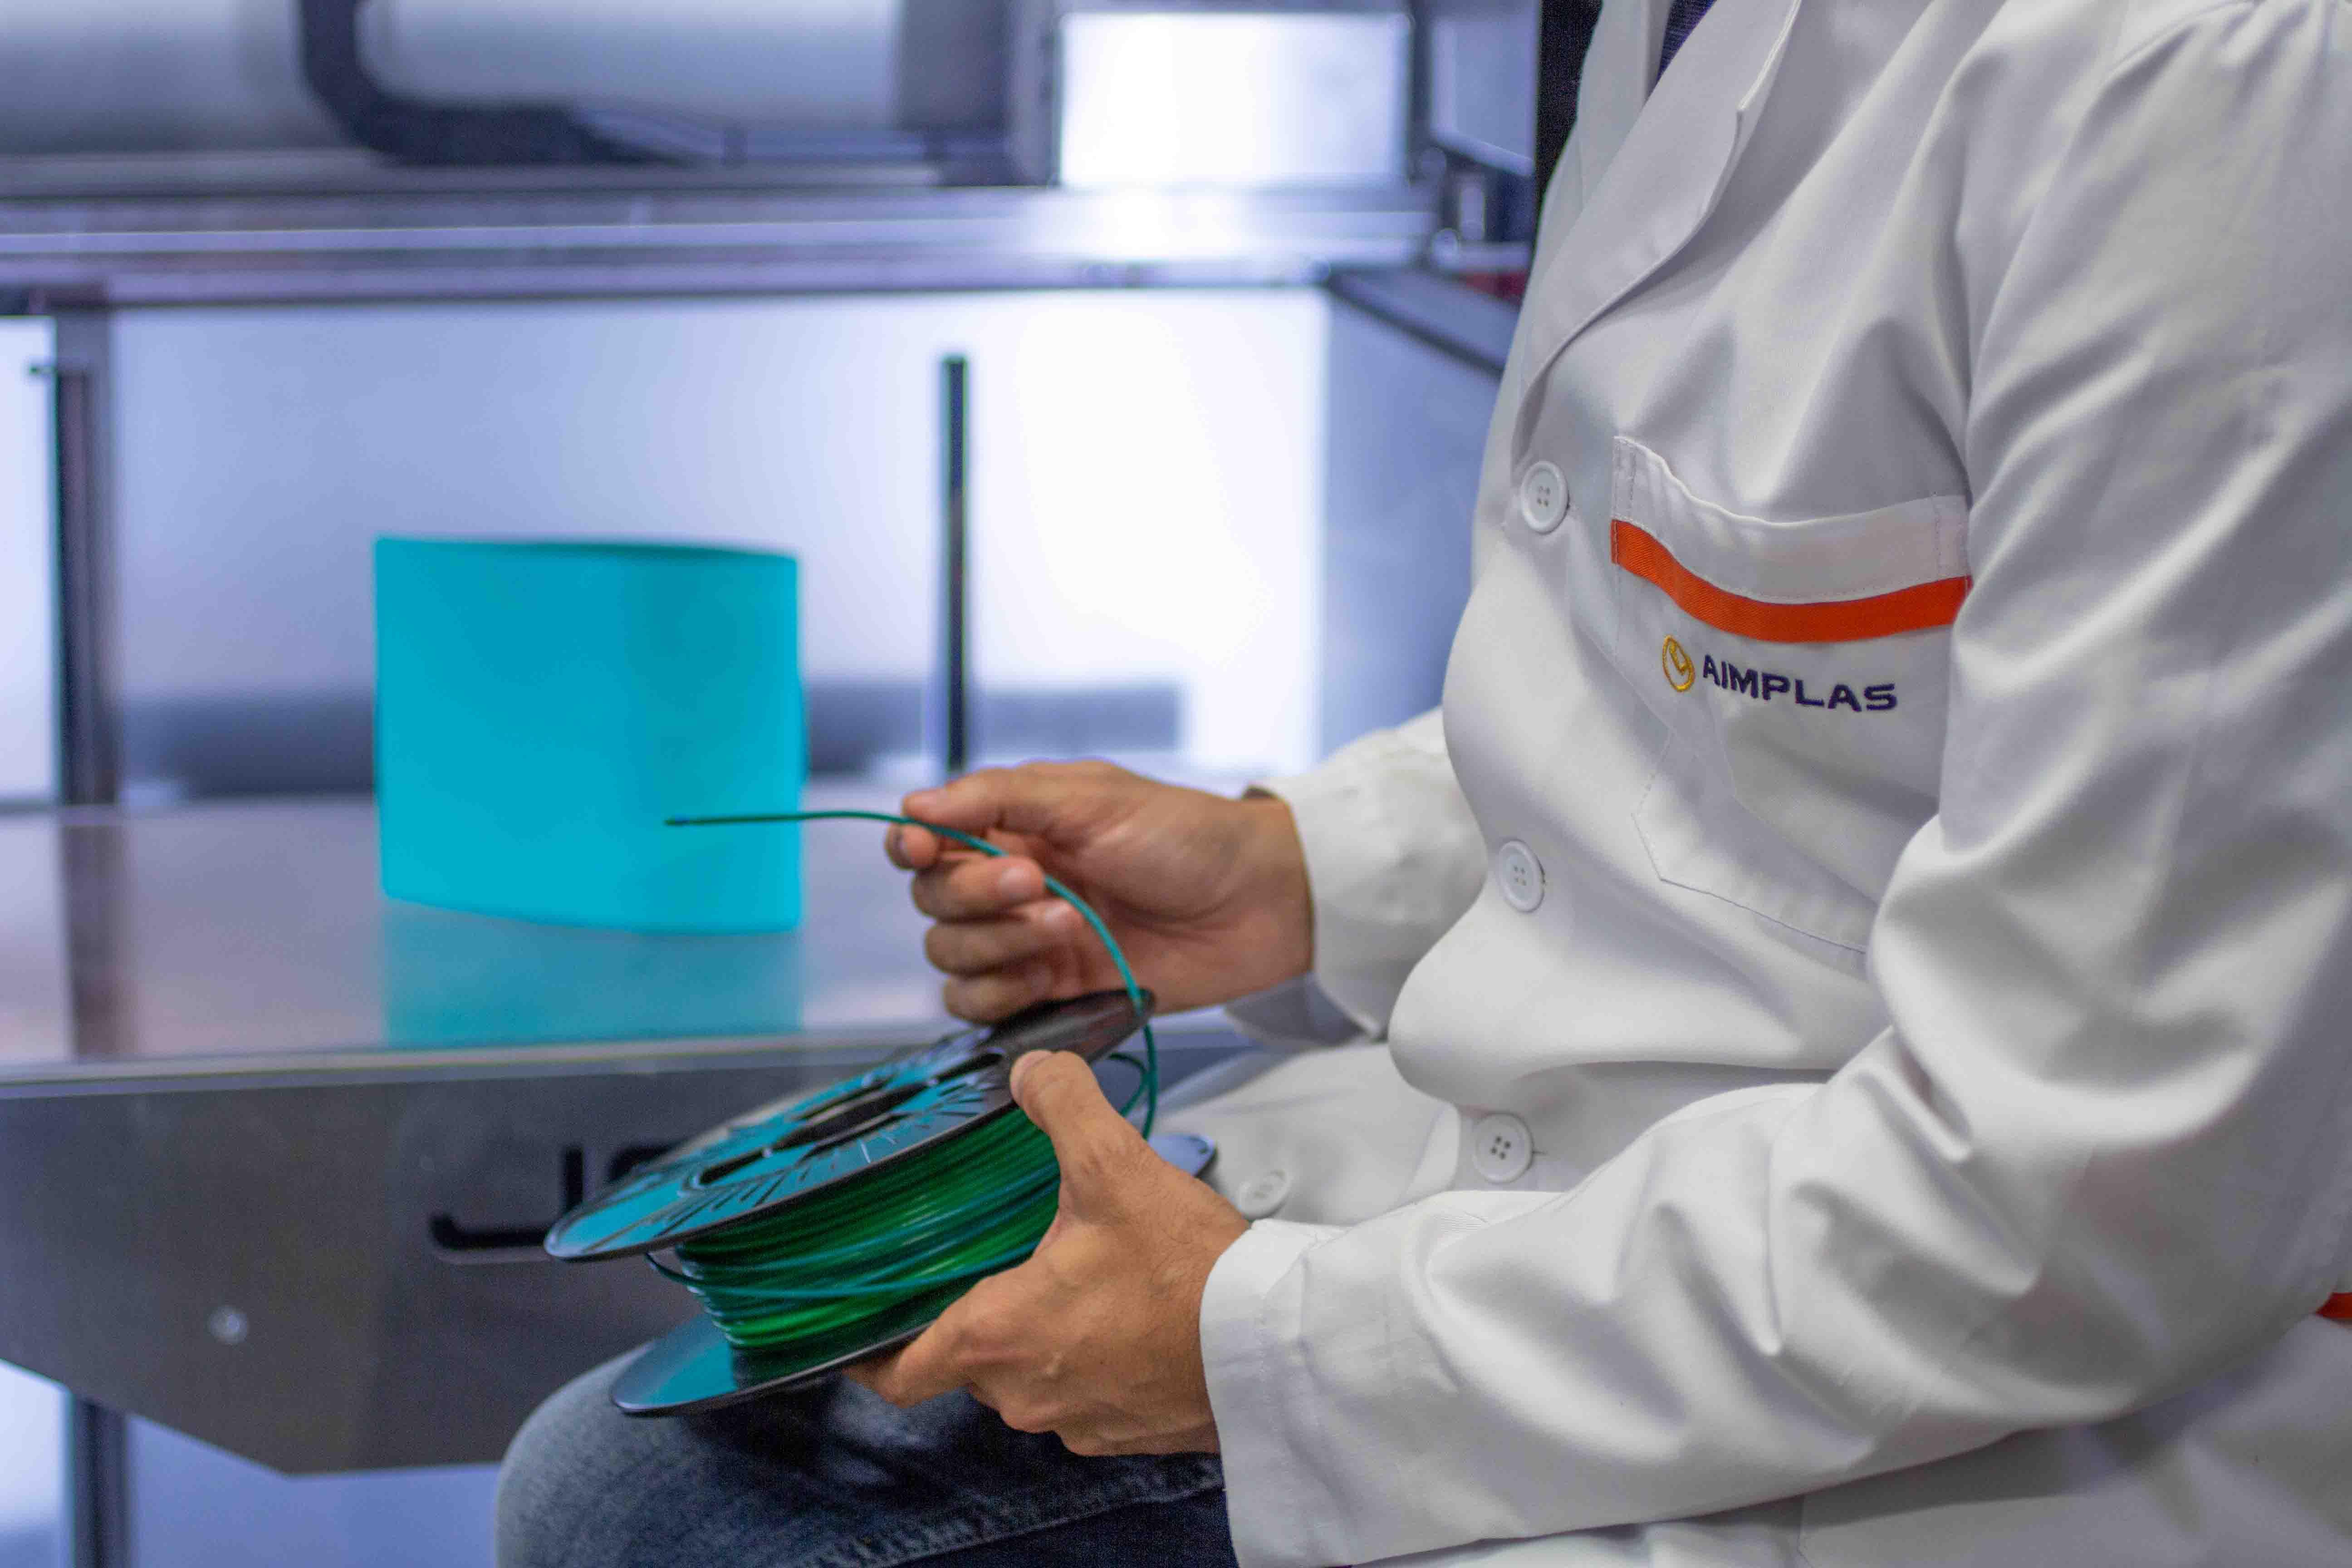 AIMPLAS introducirá nuevos materiales plásticos conductores térmicos en la impresión 3D